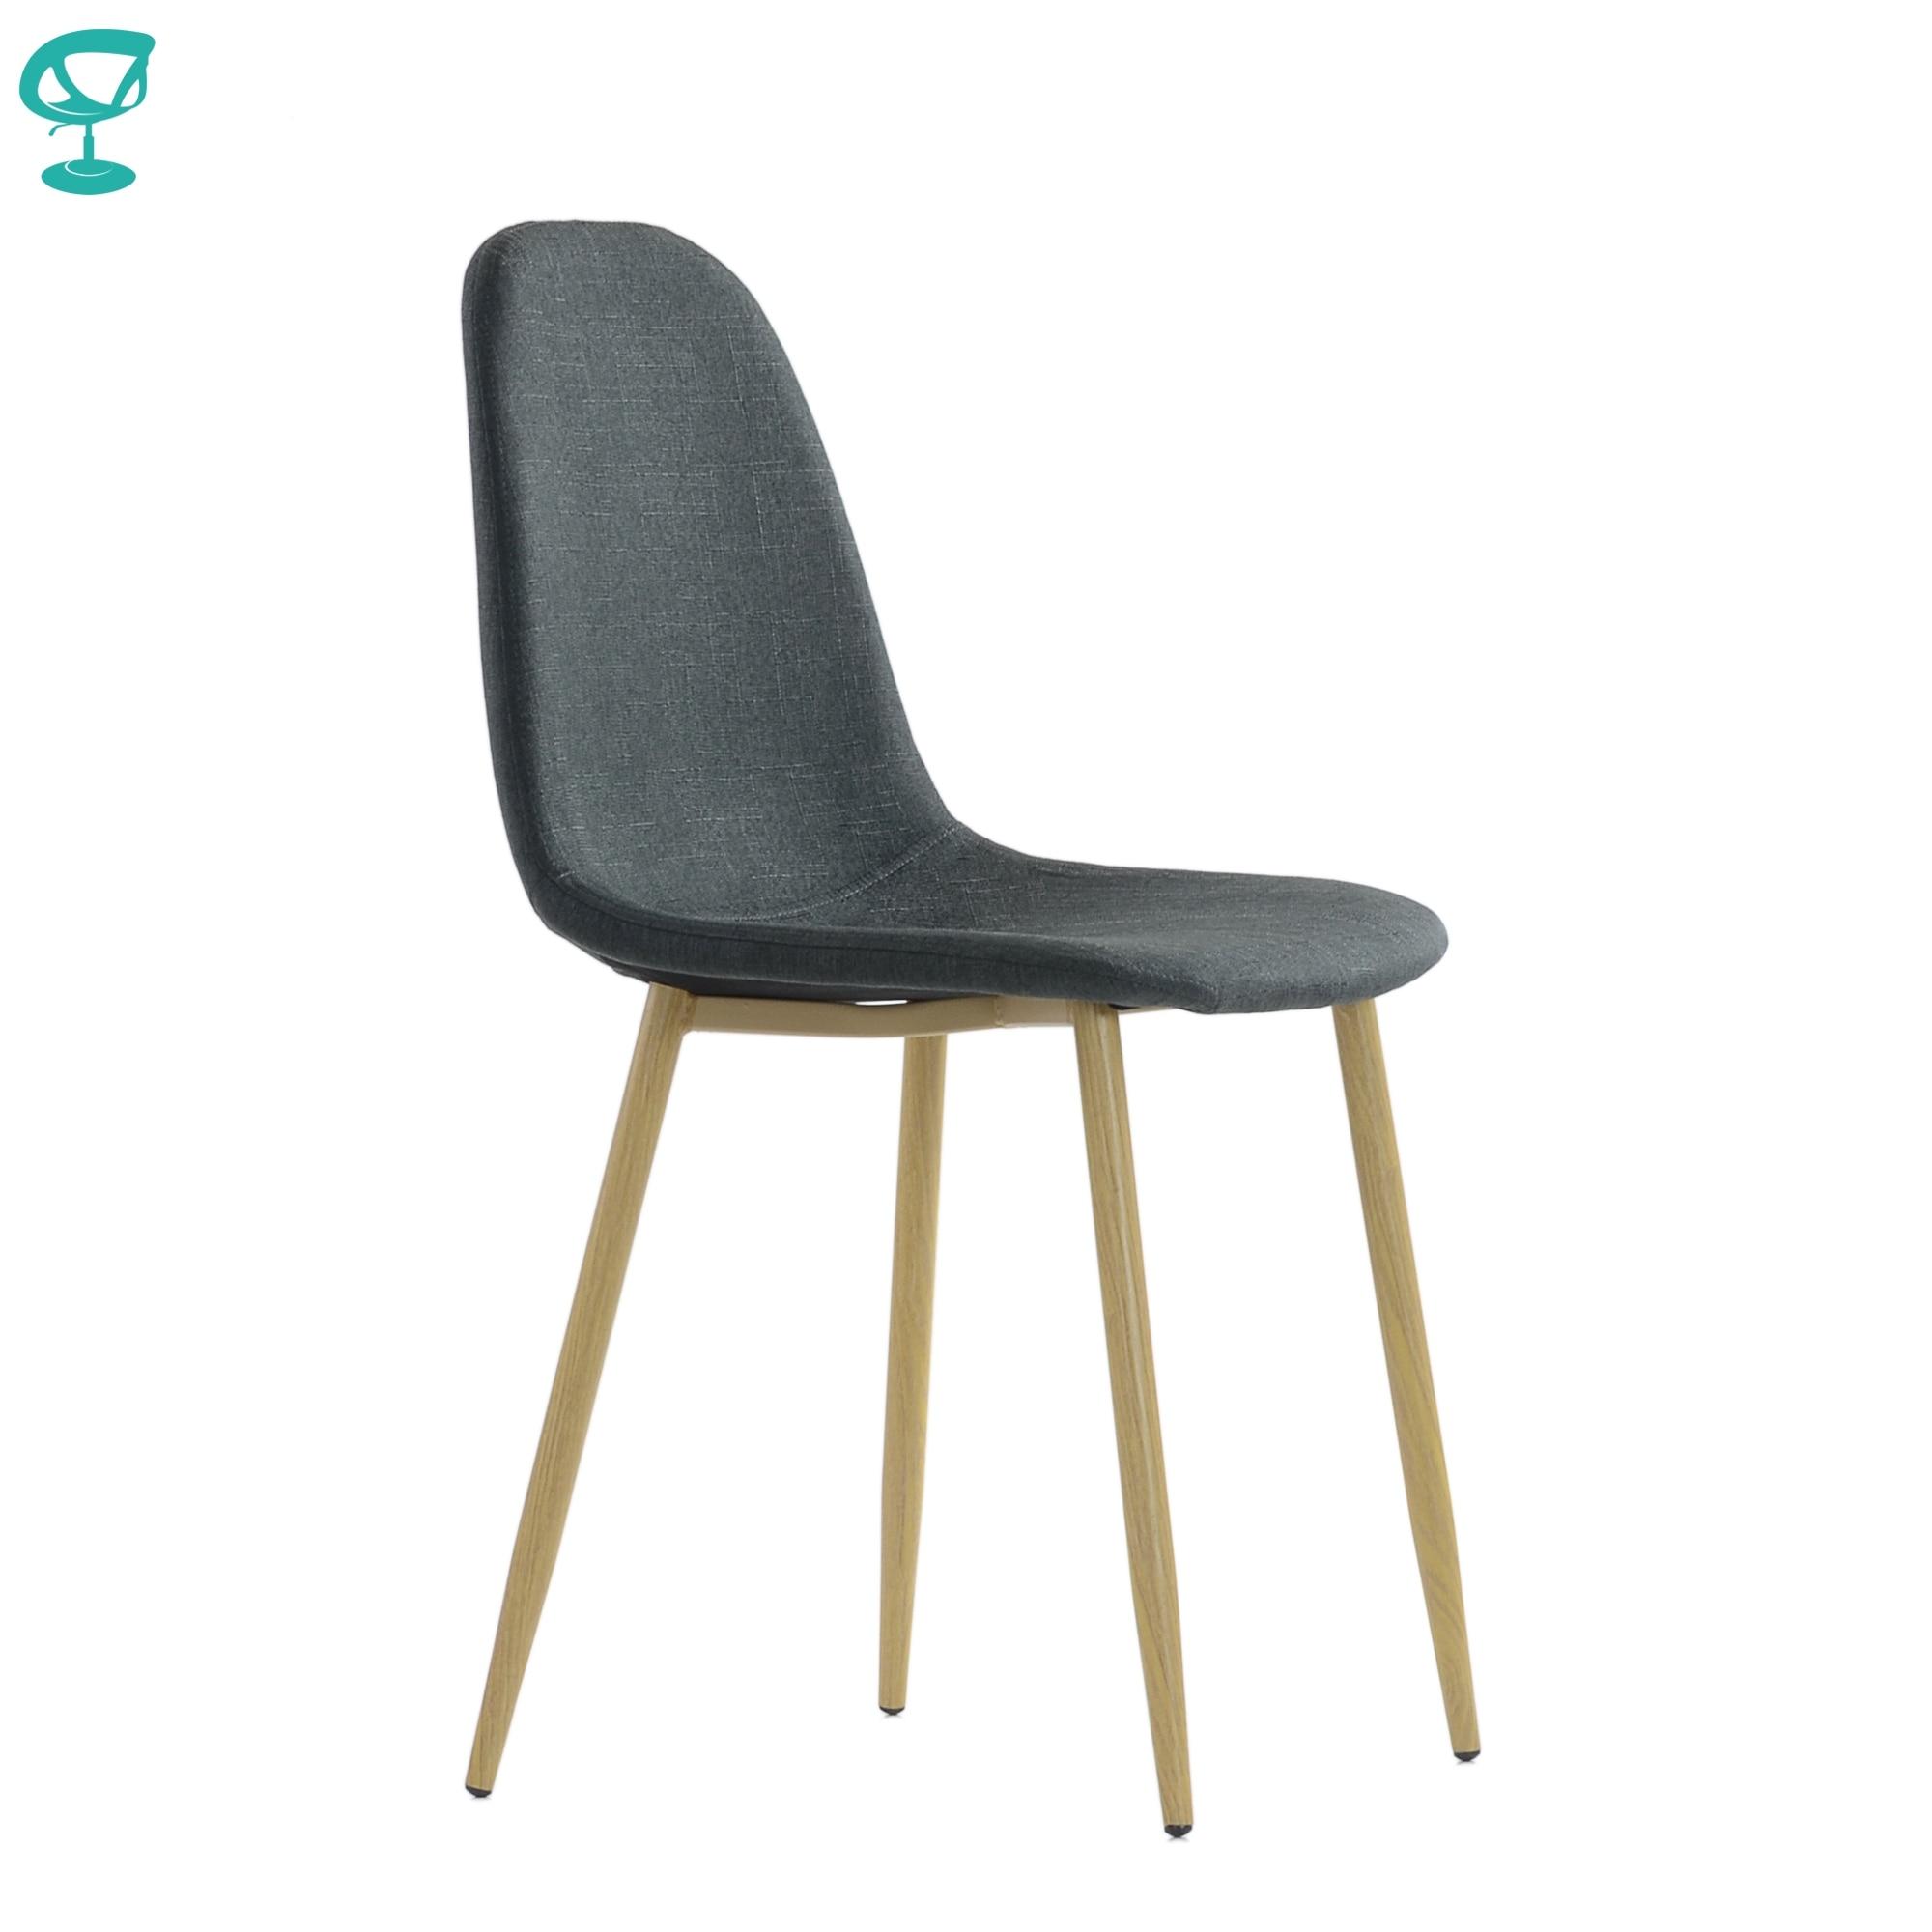 95744 Barneo S-15 cuisine chaise jambes métal siège tissu chaise pour salon chaise à manger chaise table chaise meubles pour cuisine